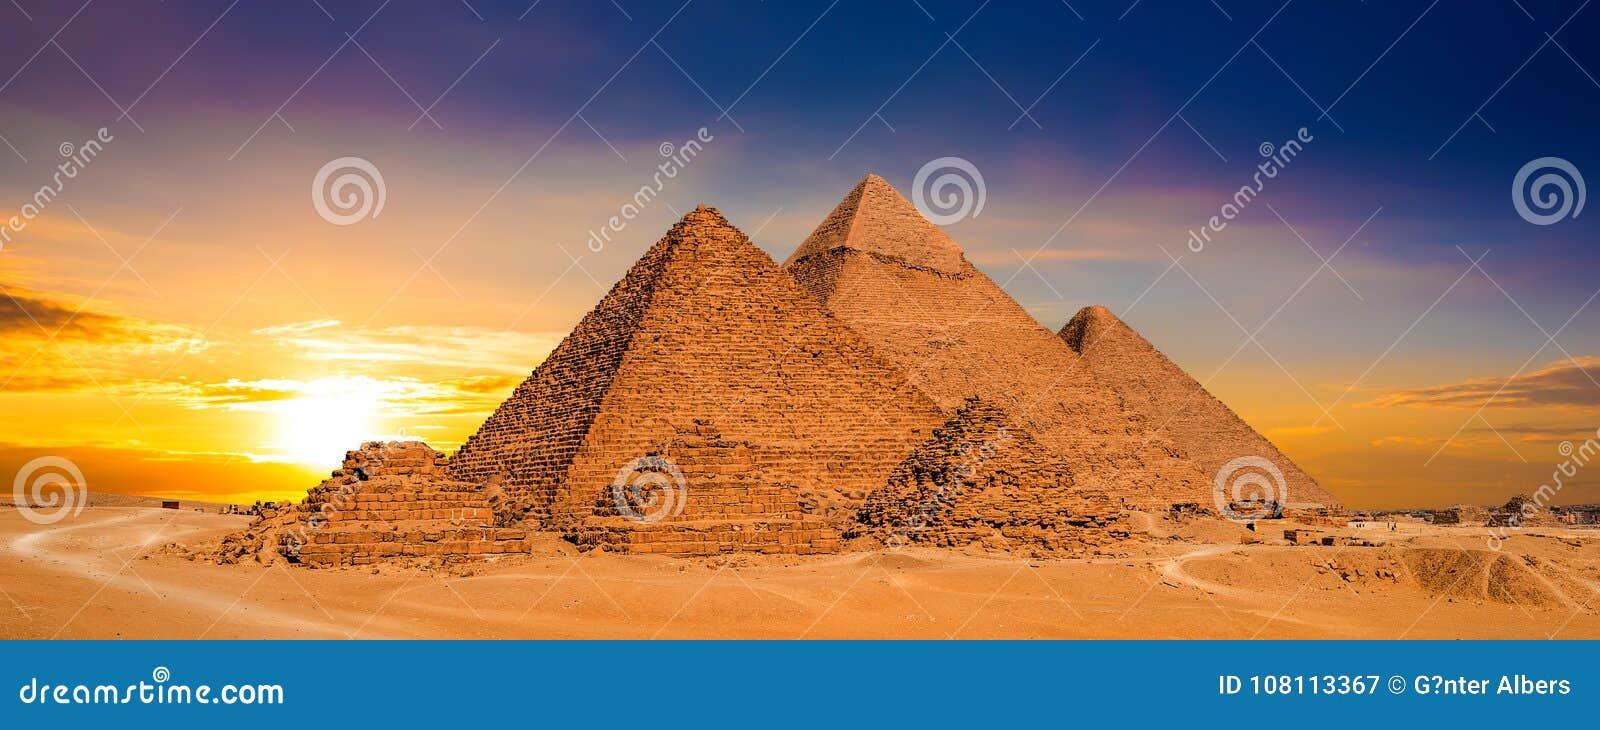 Zonsondergang in Egypte